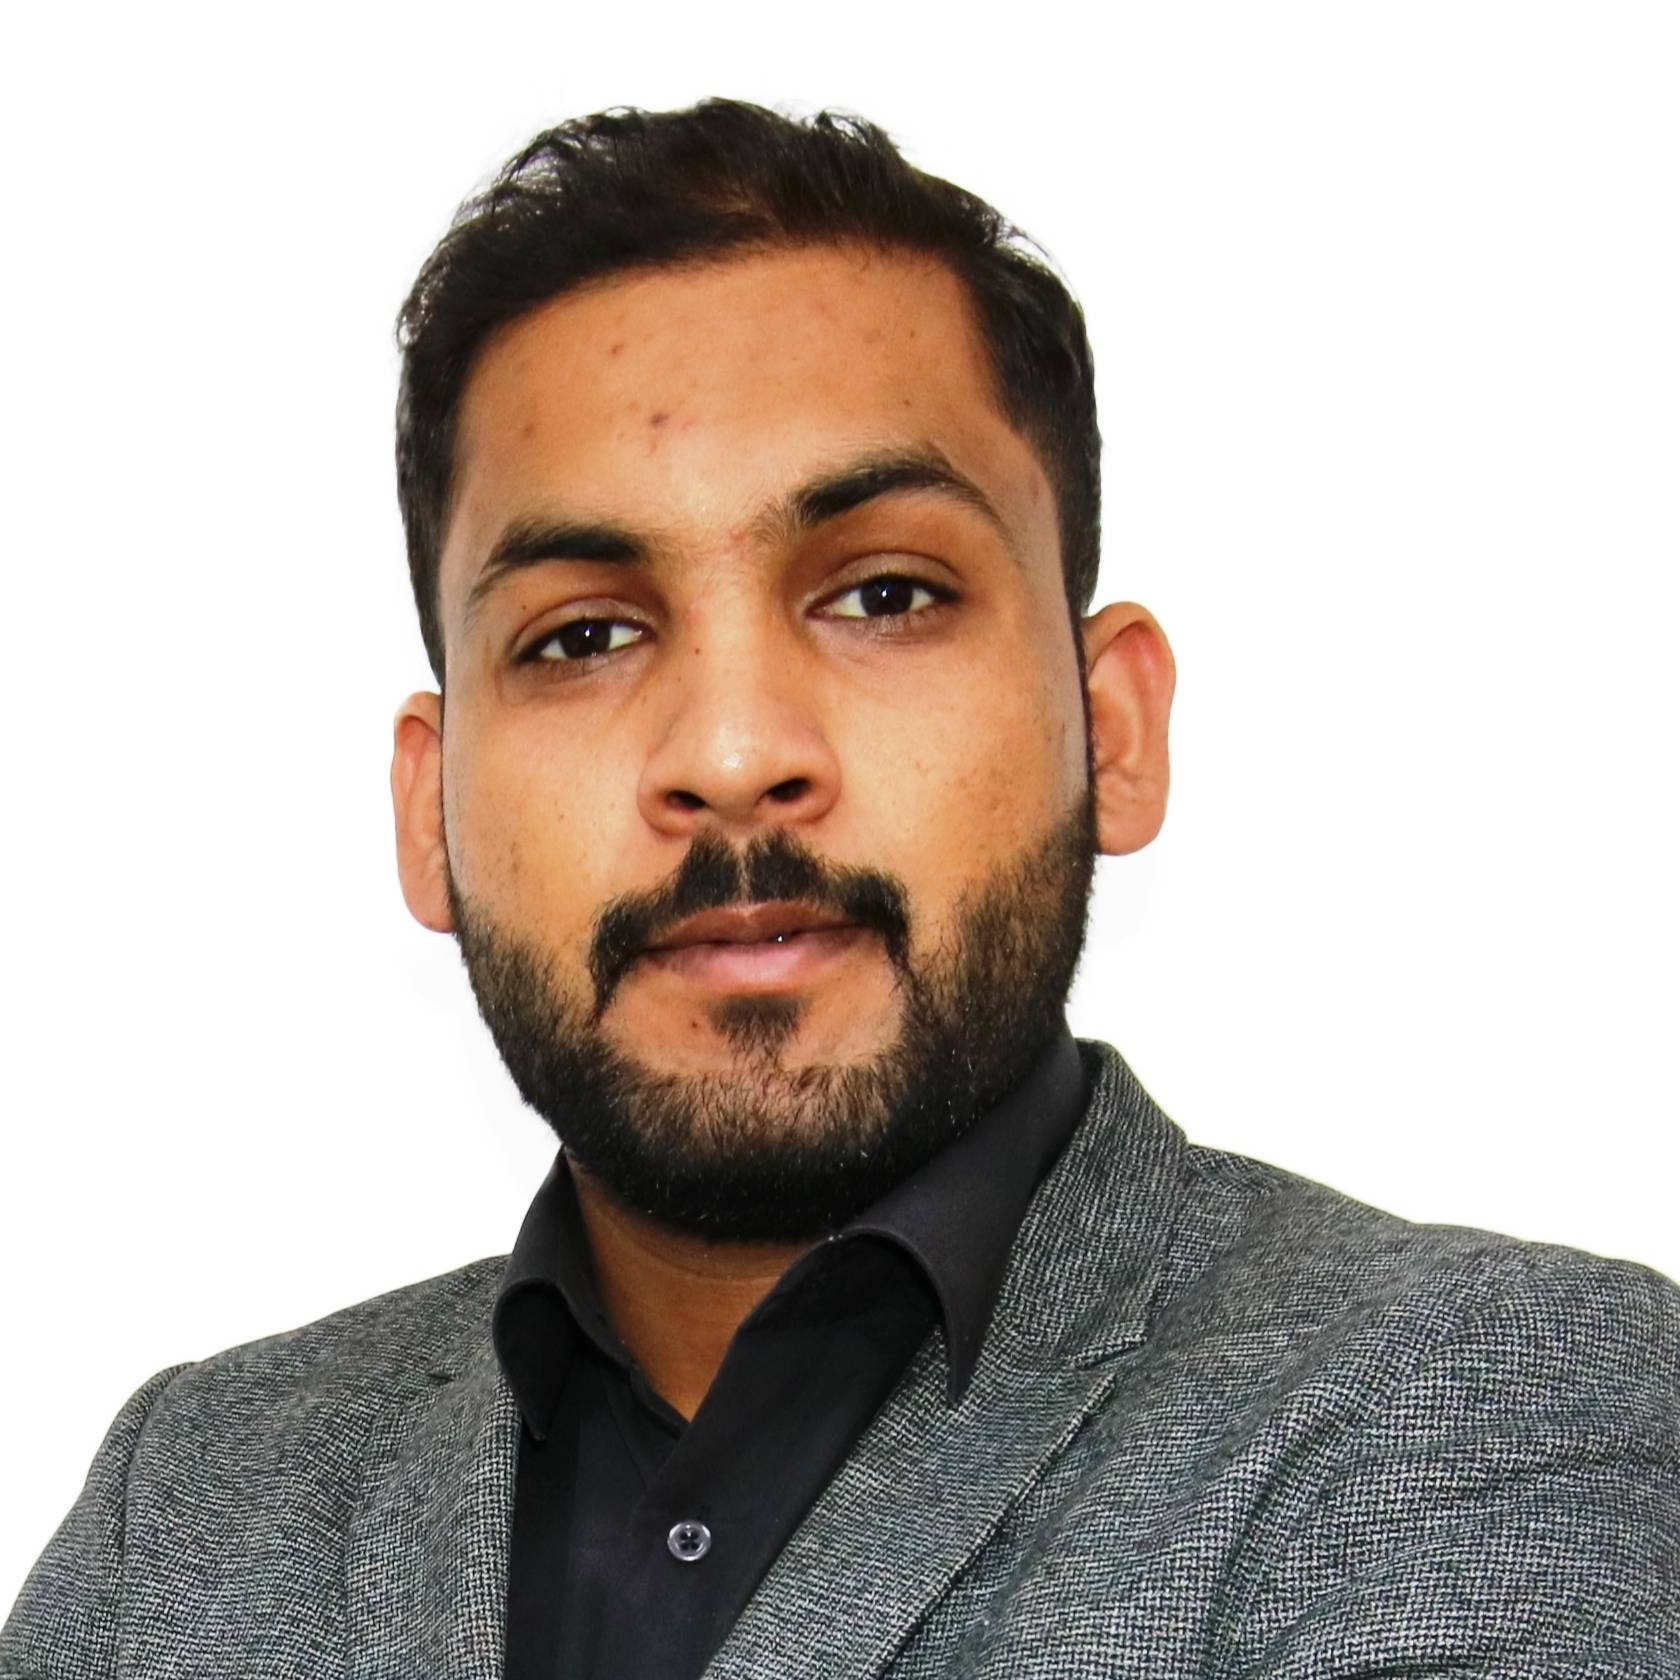 Muhammad Hamza